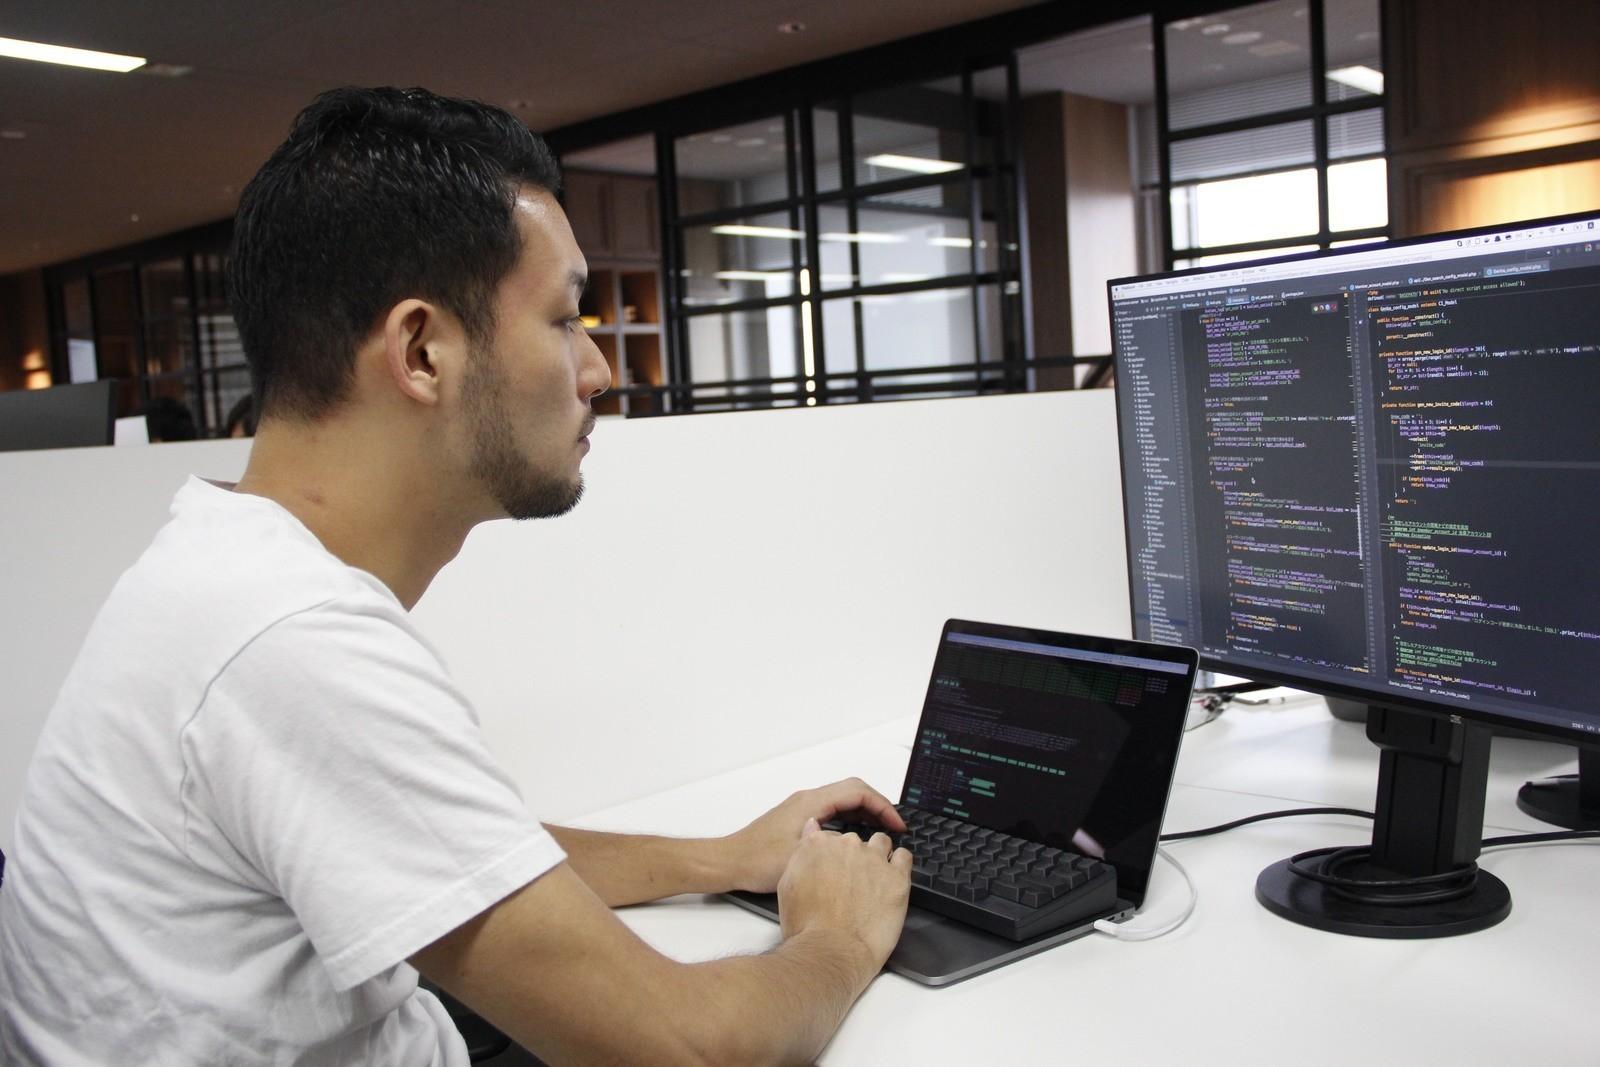 【iOSエンジニア】職人と発注者を繋げるアプリ「CraftBank」組織立ち上げメンバーを募集!